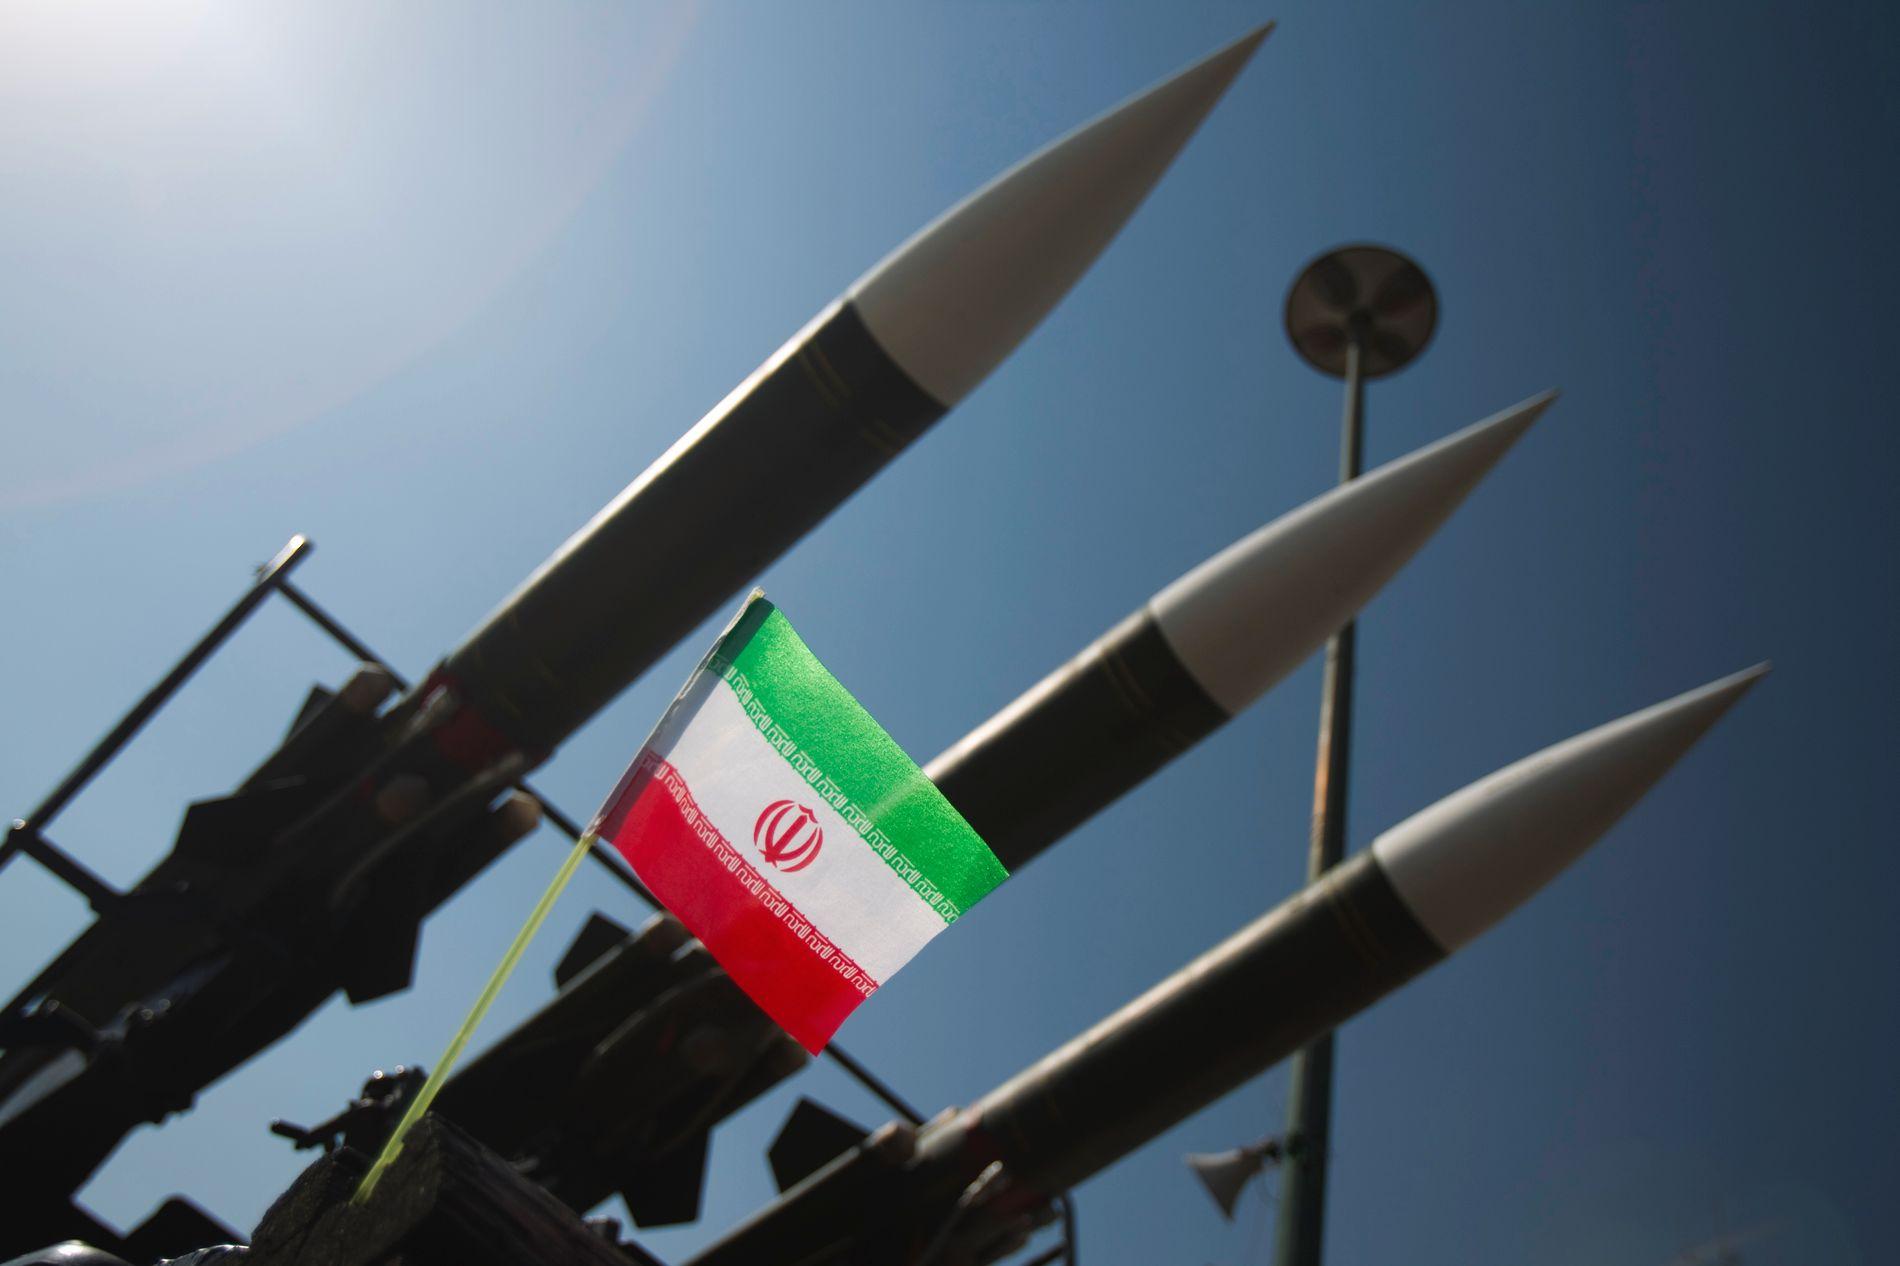 RAKETT-TRØBBEL: Iran mener USAs sanksjoner etter landets rakett-oppskytning bryter atomavtalen. USA frykter romrakett-programmet kan være et skalkeskjul for våpenutvikling. Bildet viser russiske missiler ved siden av et iransk flagg under en tidligere krigs-utstilling